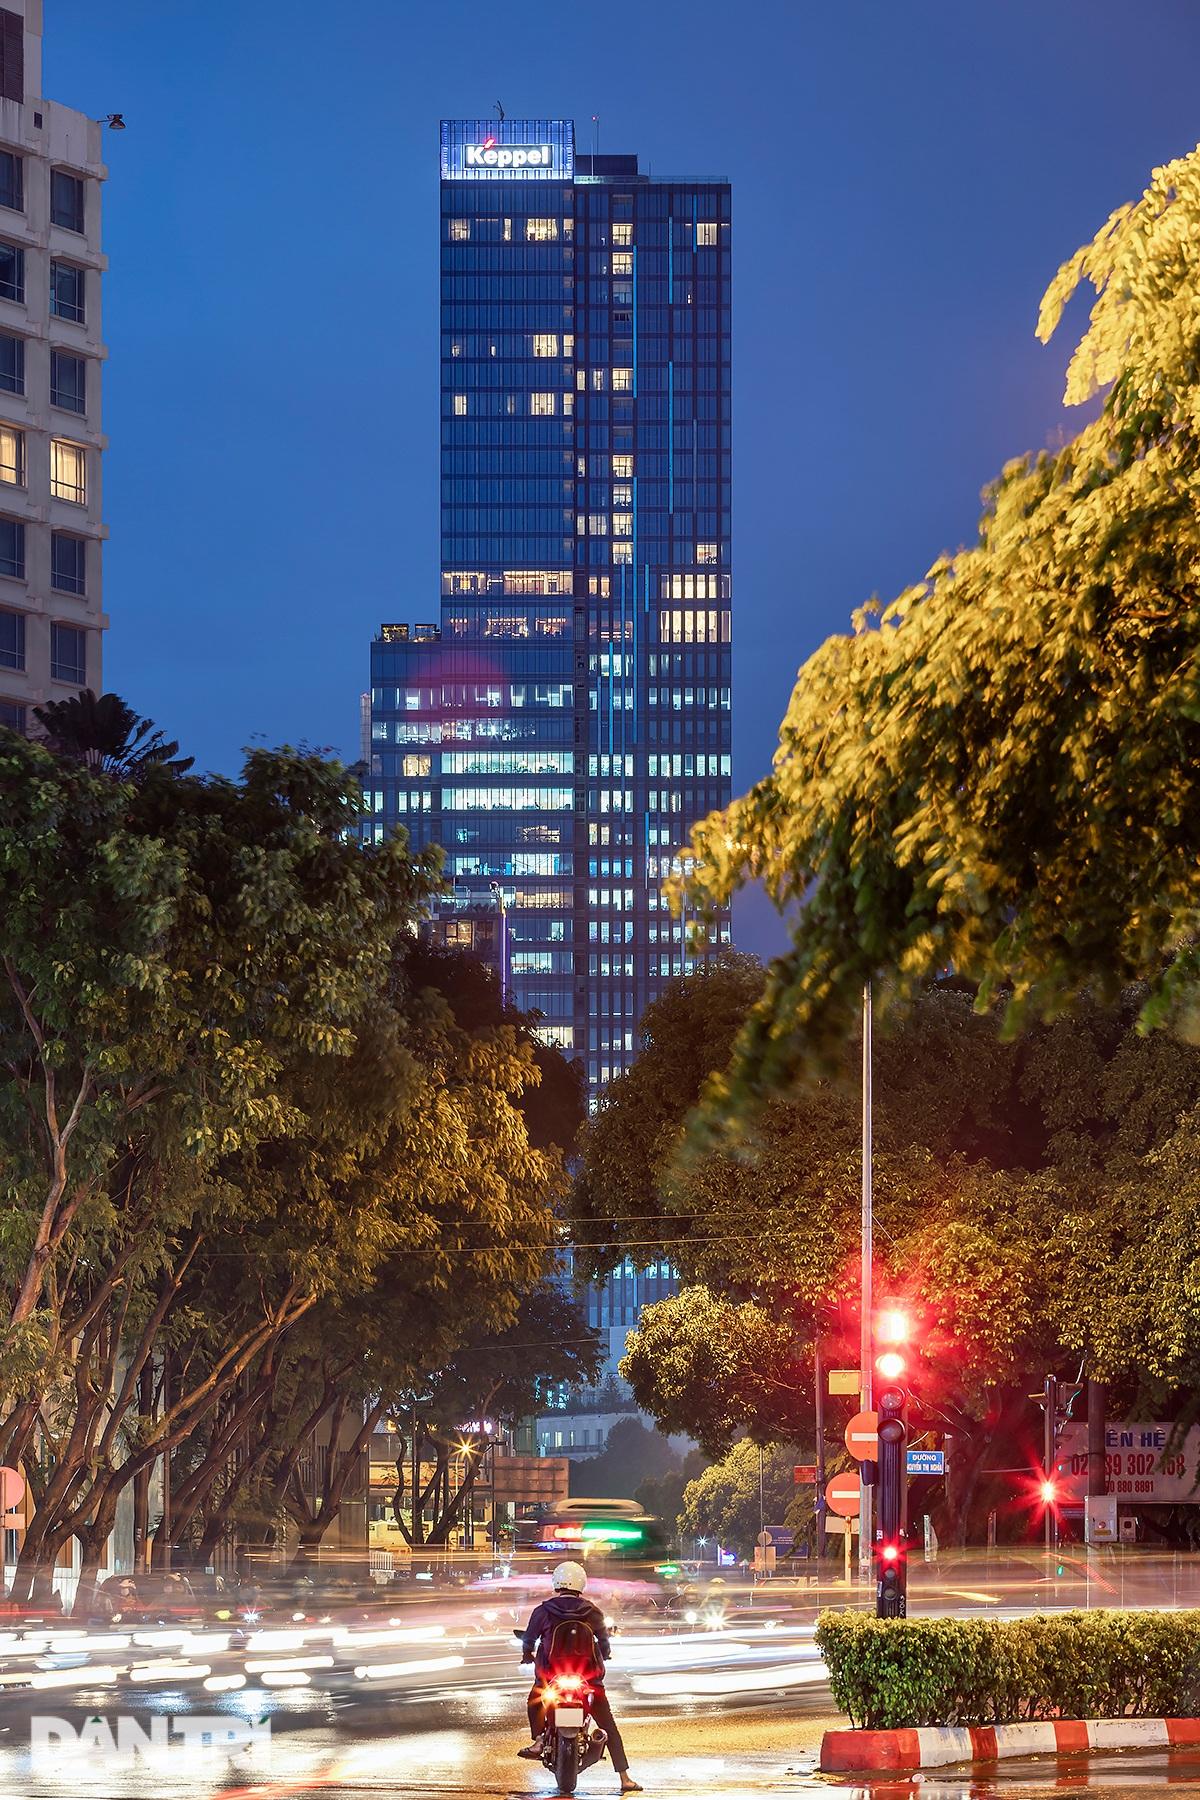 Thành phố Hồ Chí Minh - Vẻ đẹp của một Siêu đô thị hiện đại - 13